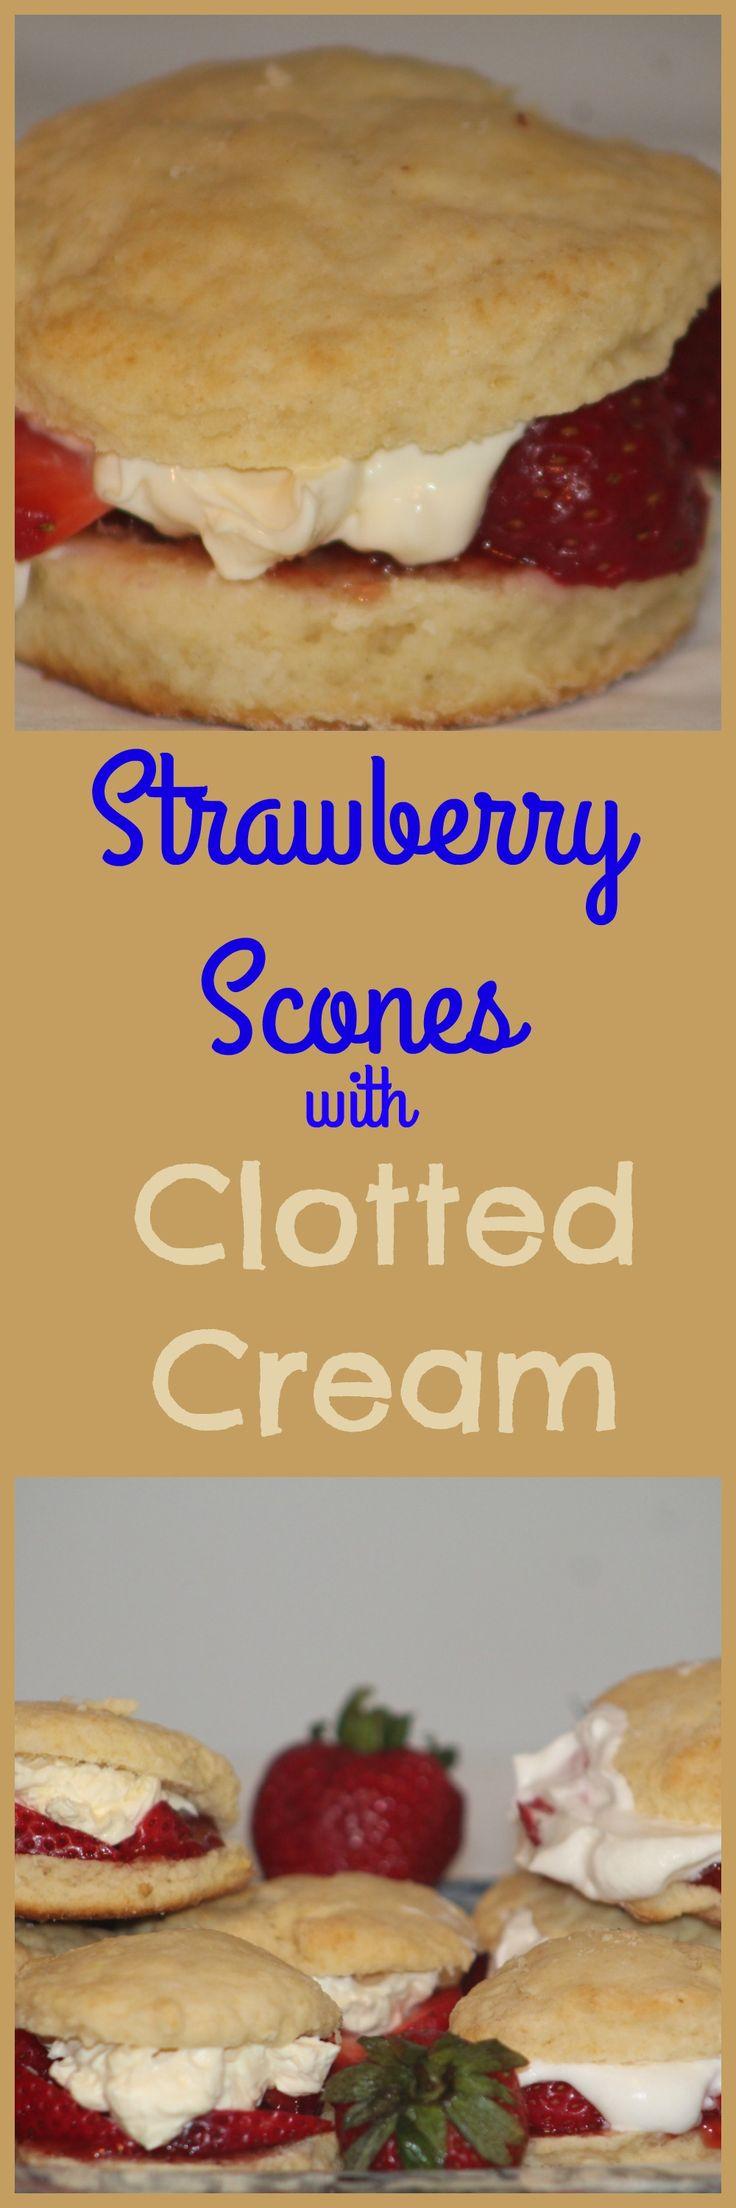 The best Irish Scones wih Srawberries and Clotted Cream